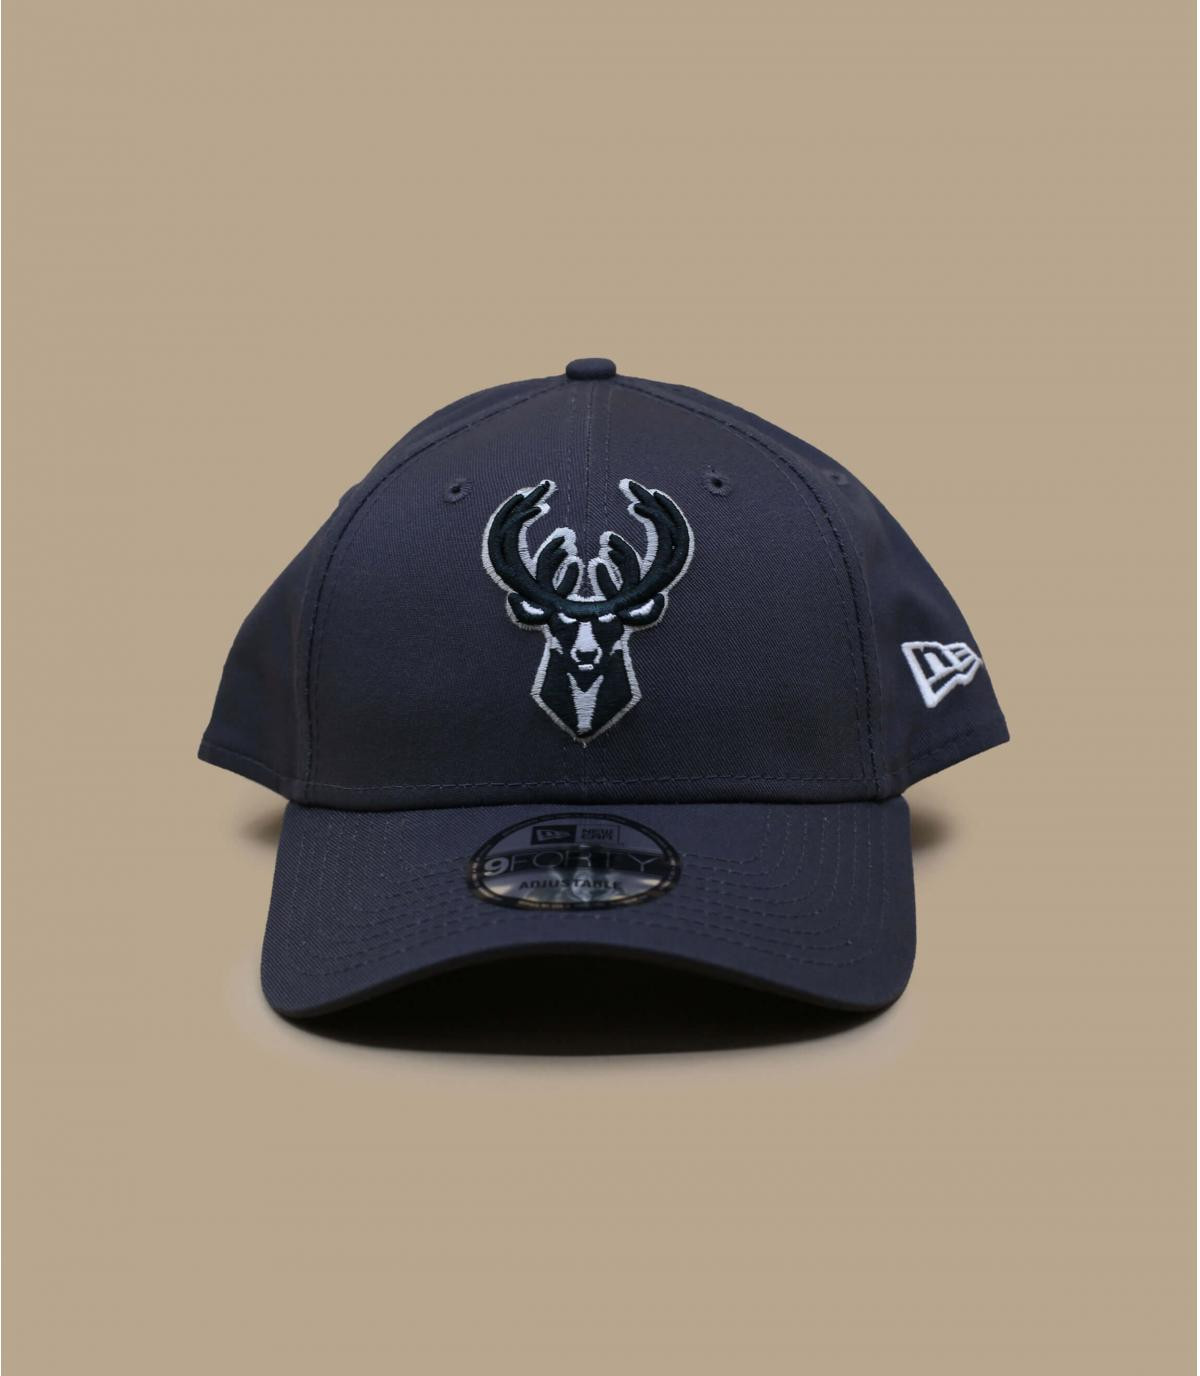 cappellino Bucks grigio